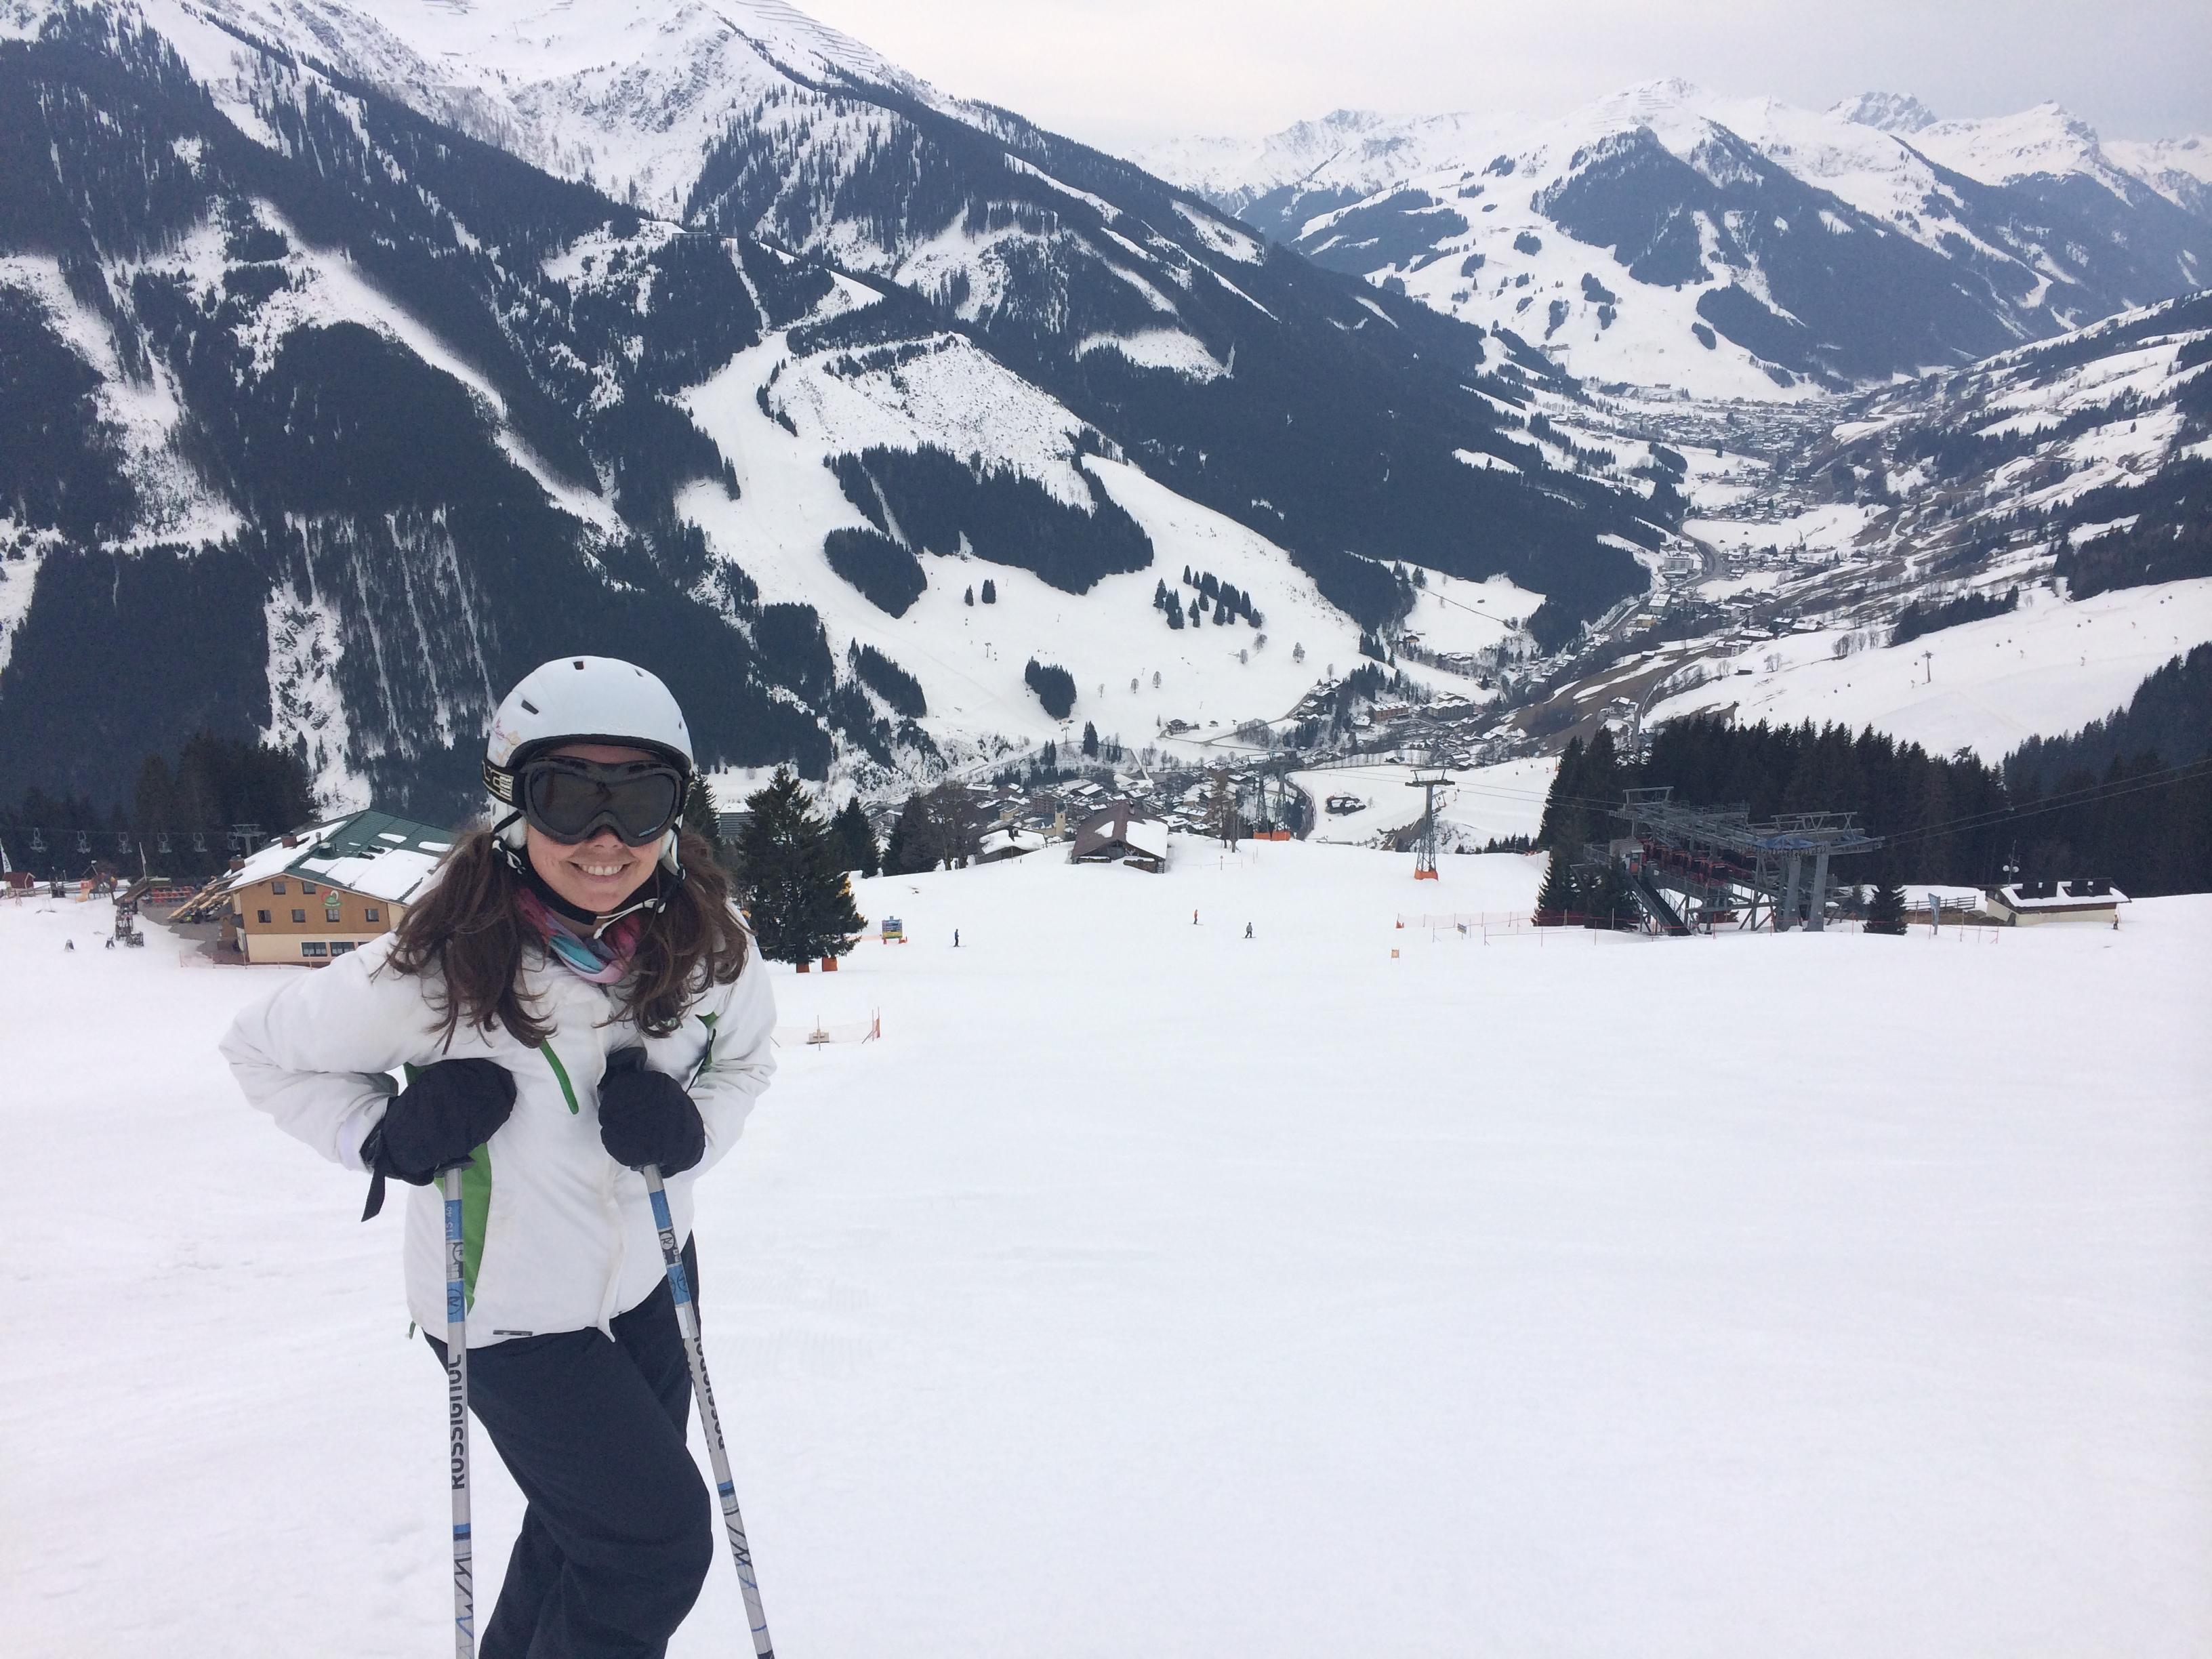 Maria på slalom